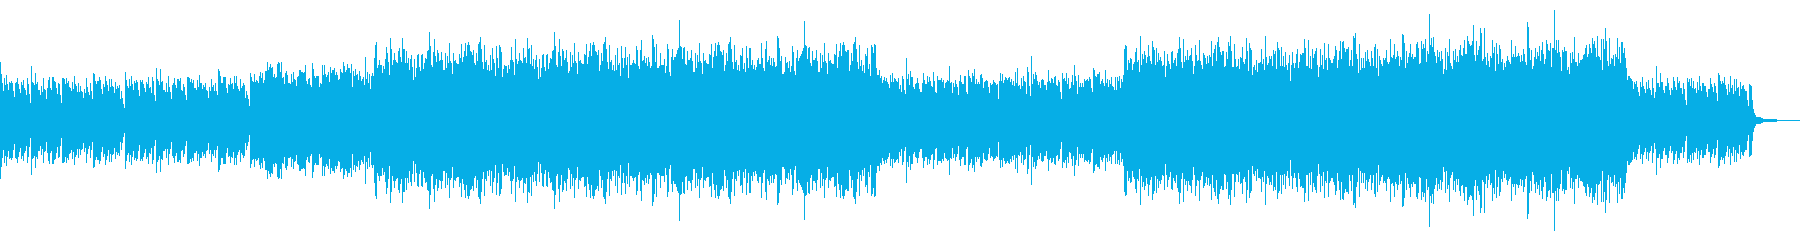 オーケストラ・企業VP・希望・挑戦の再生済みの波形